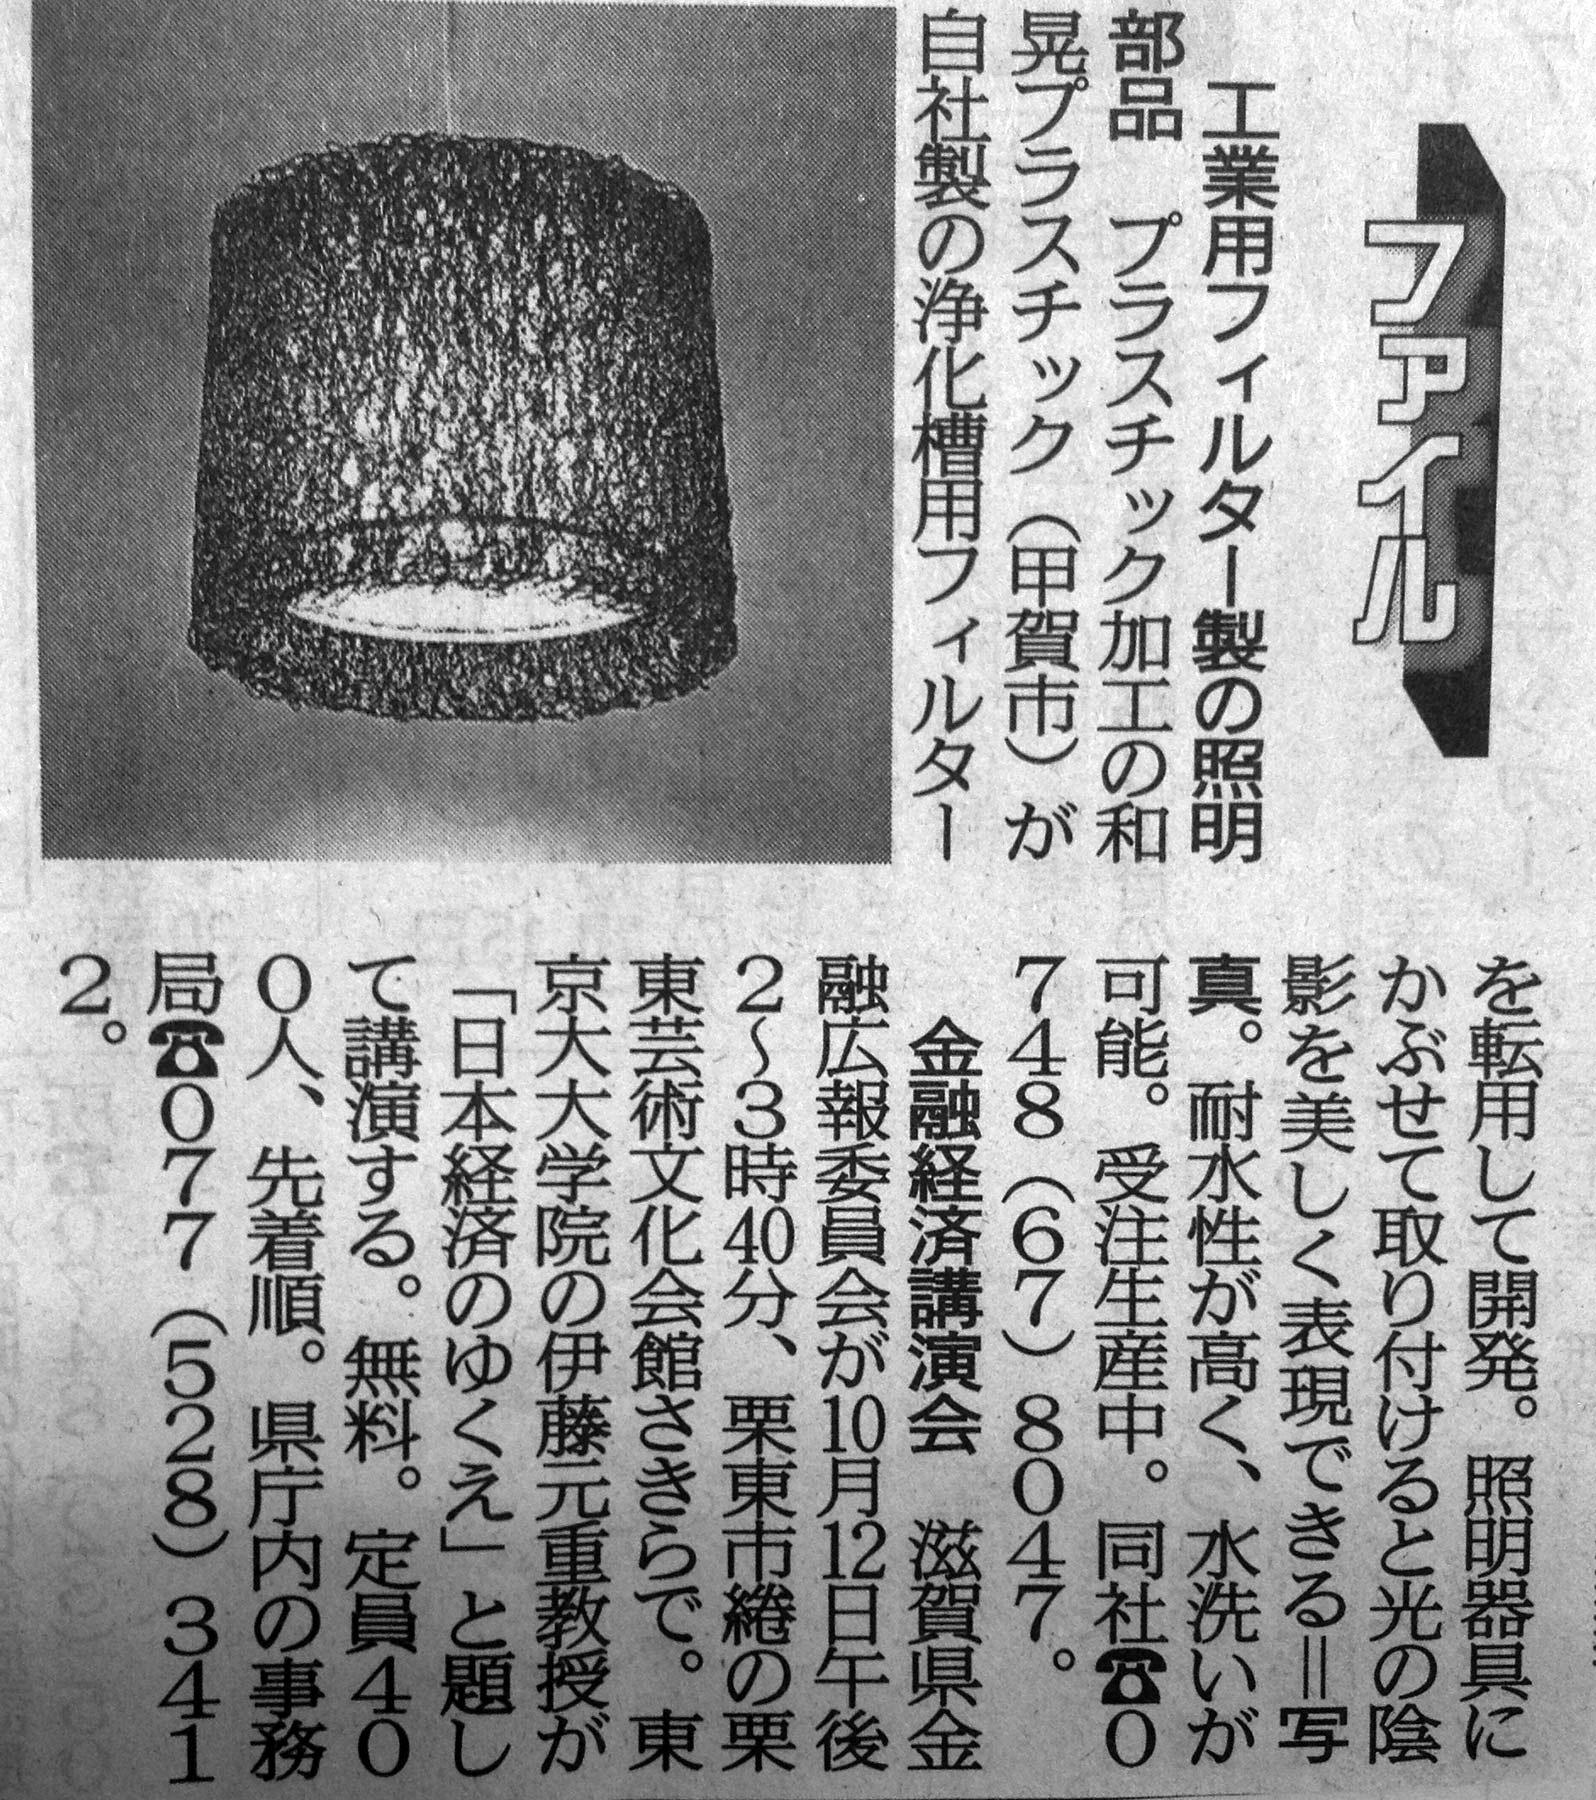 和晃プラスチック京都新聞照明新素材